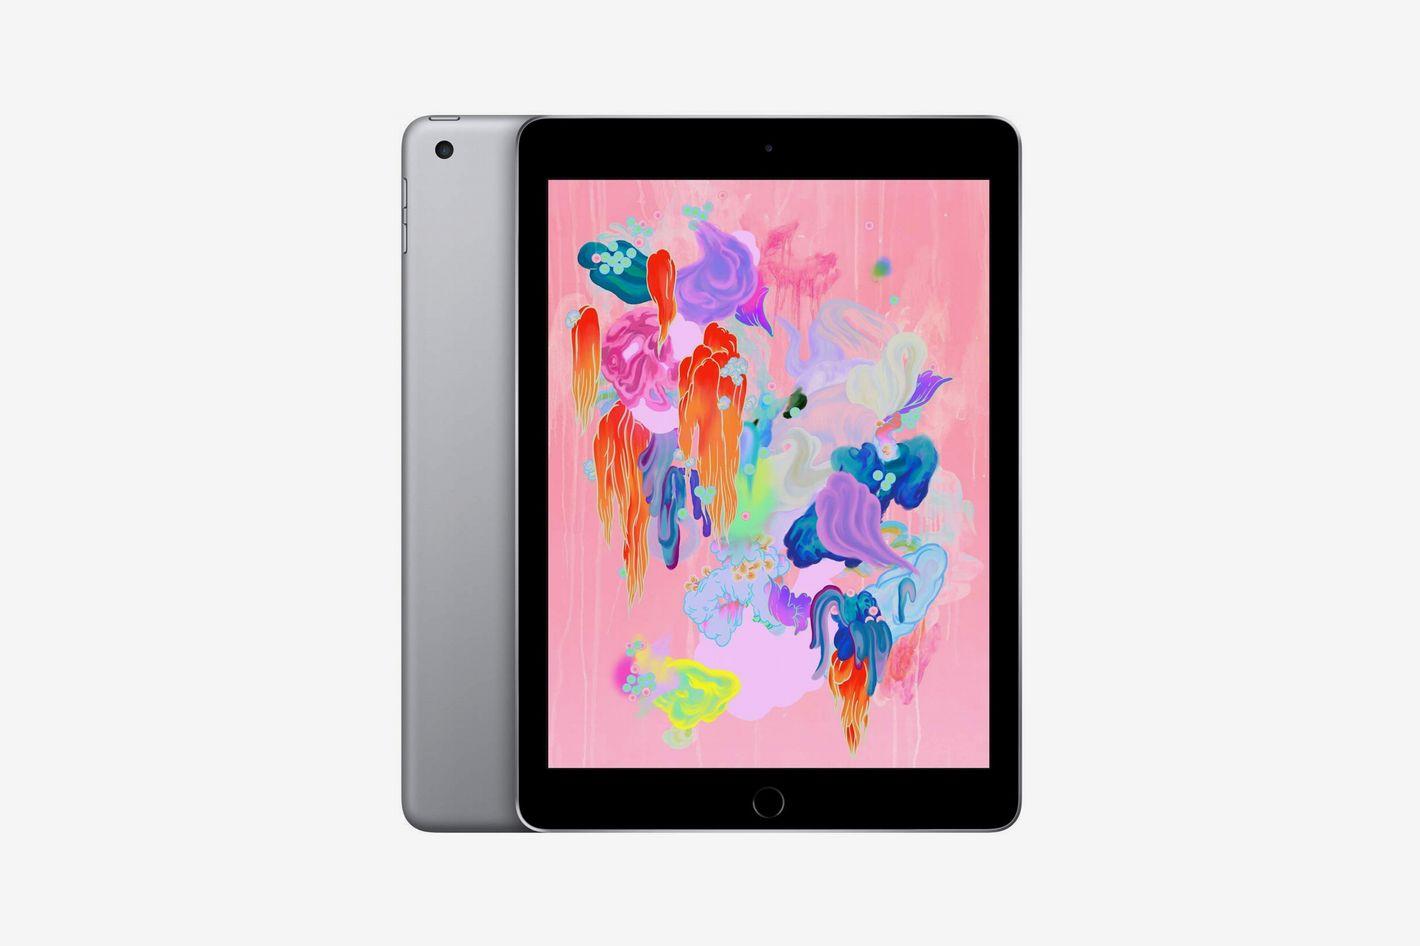 Apple iPad (Wi-Fi, 32GB) - Space Gray